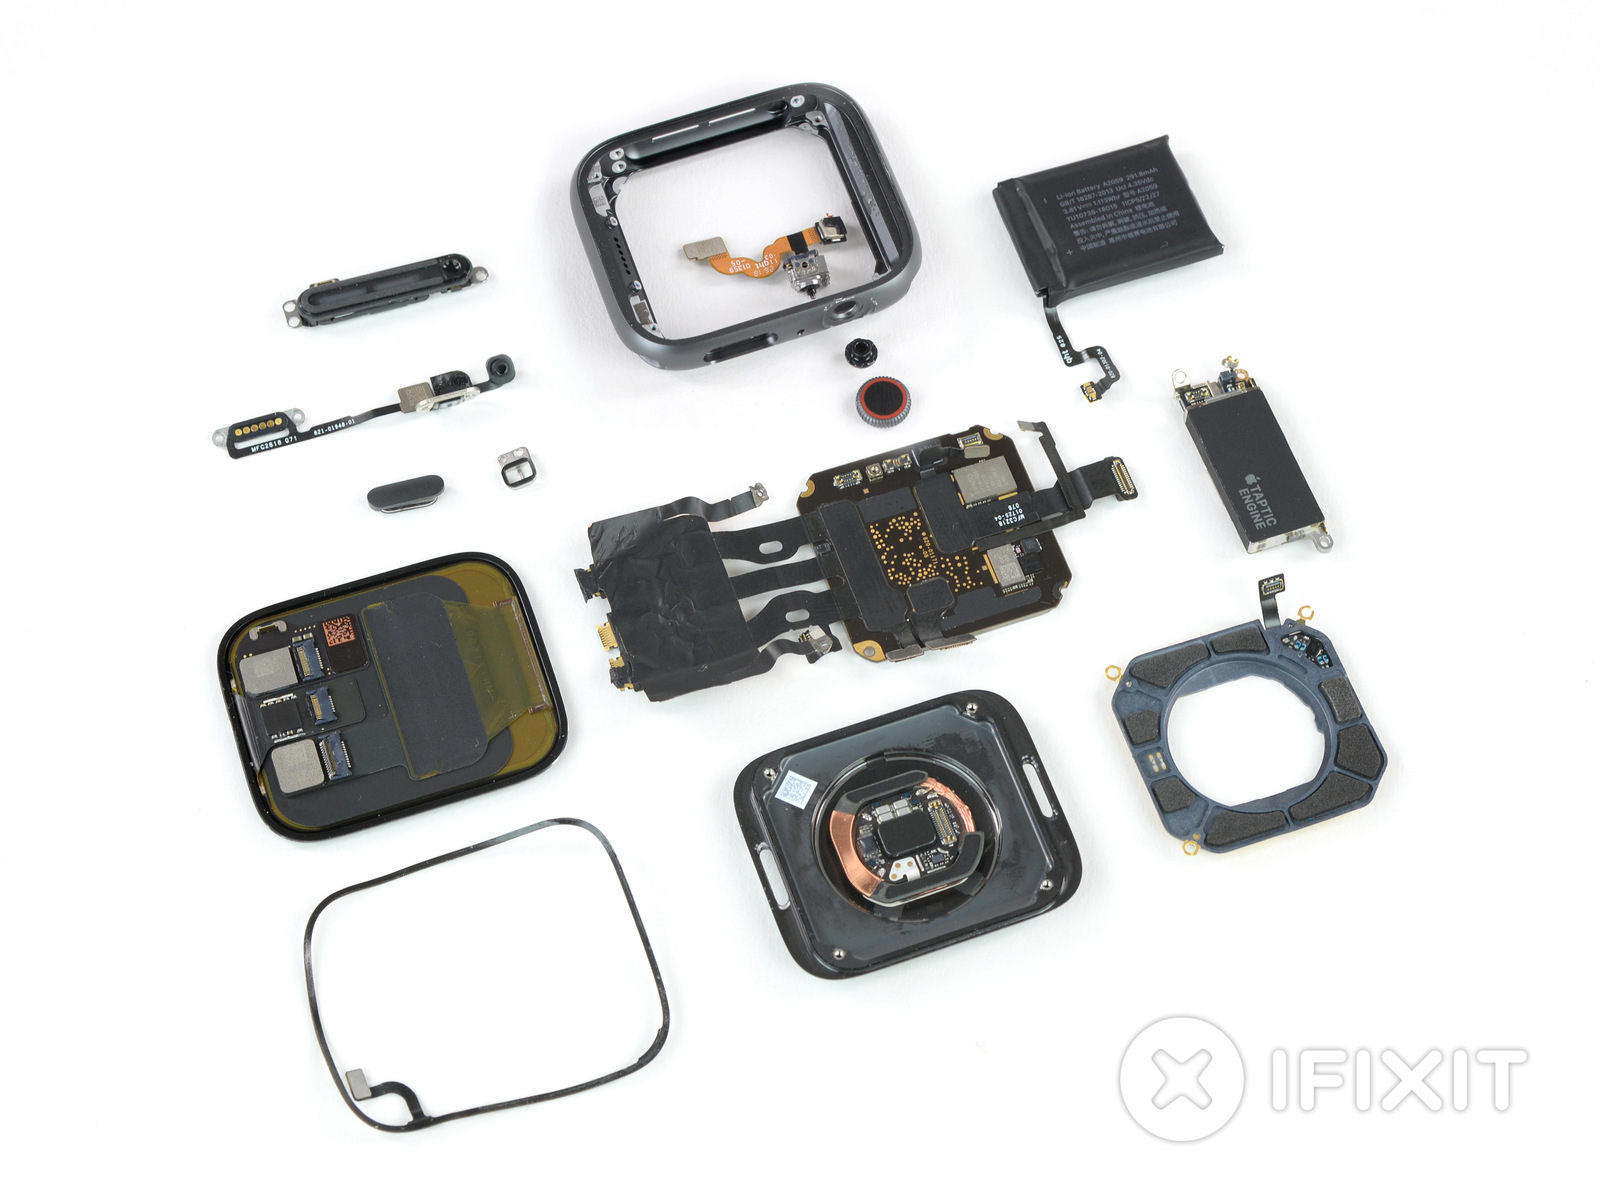 Ifixt apple watch series 4 breakdown